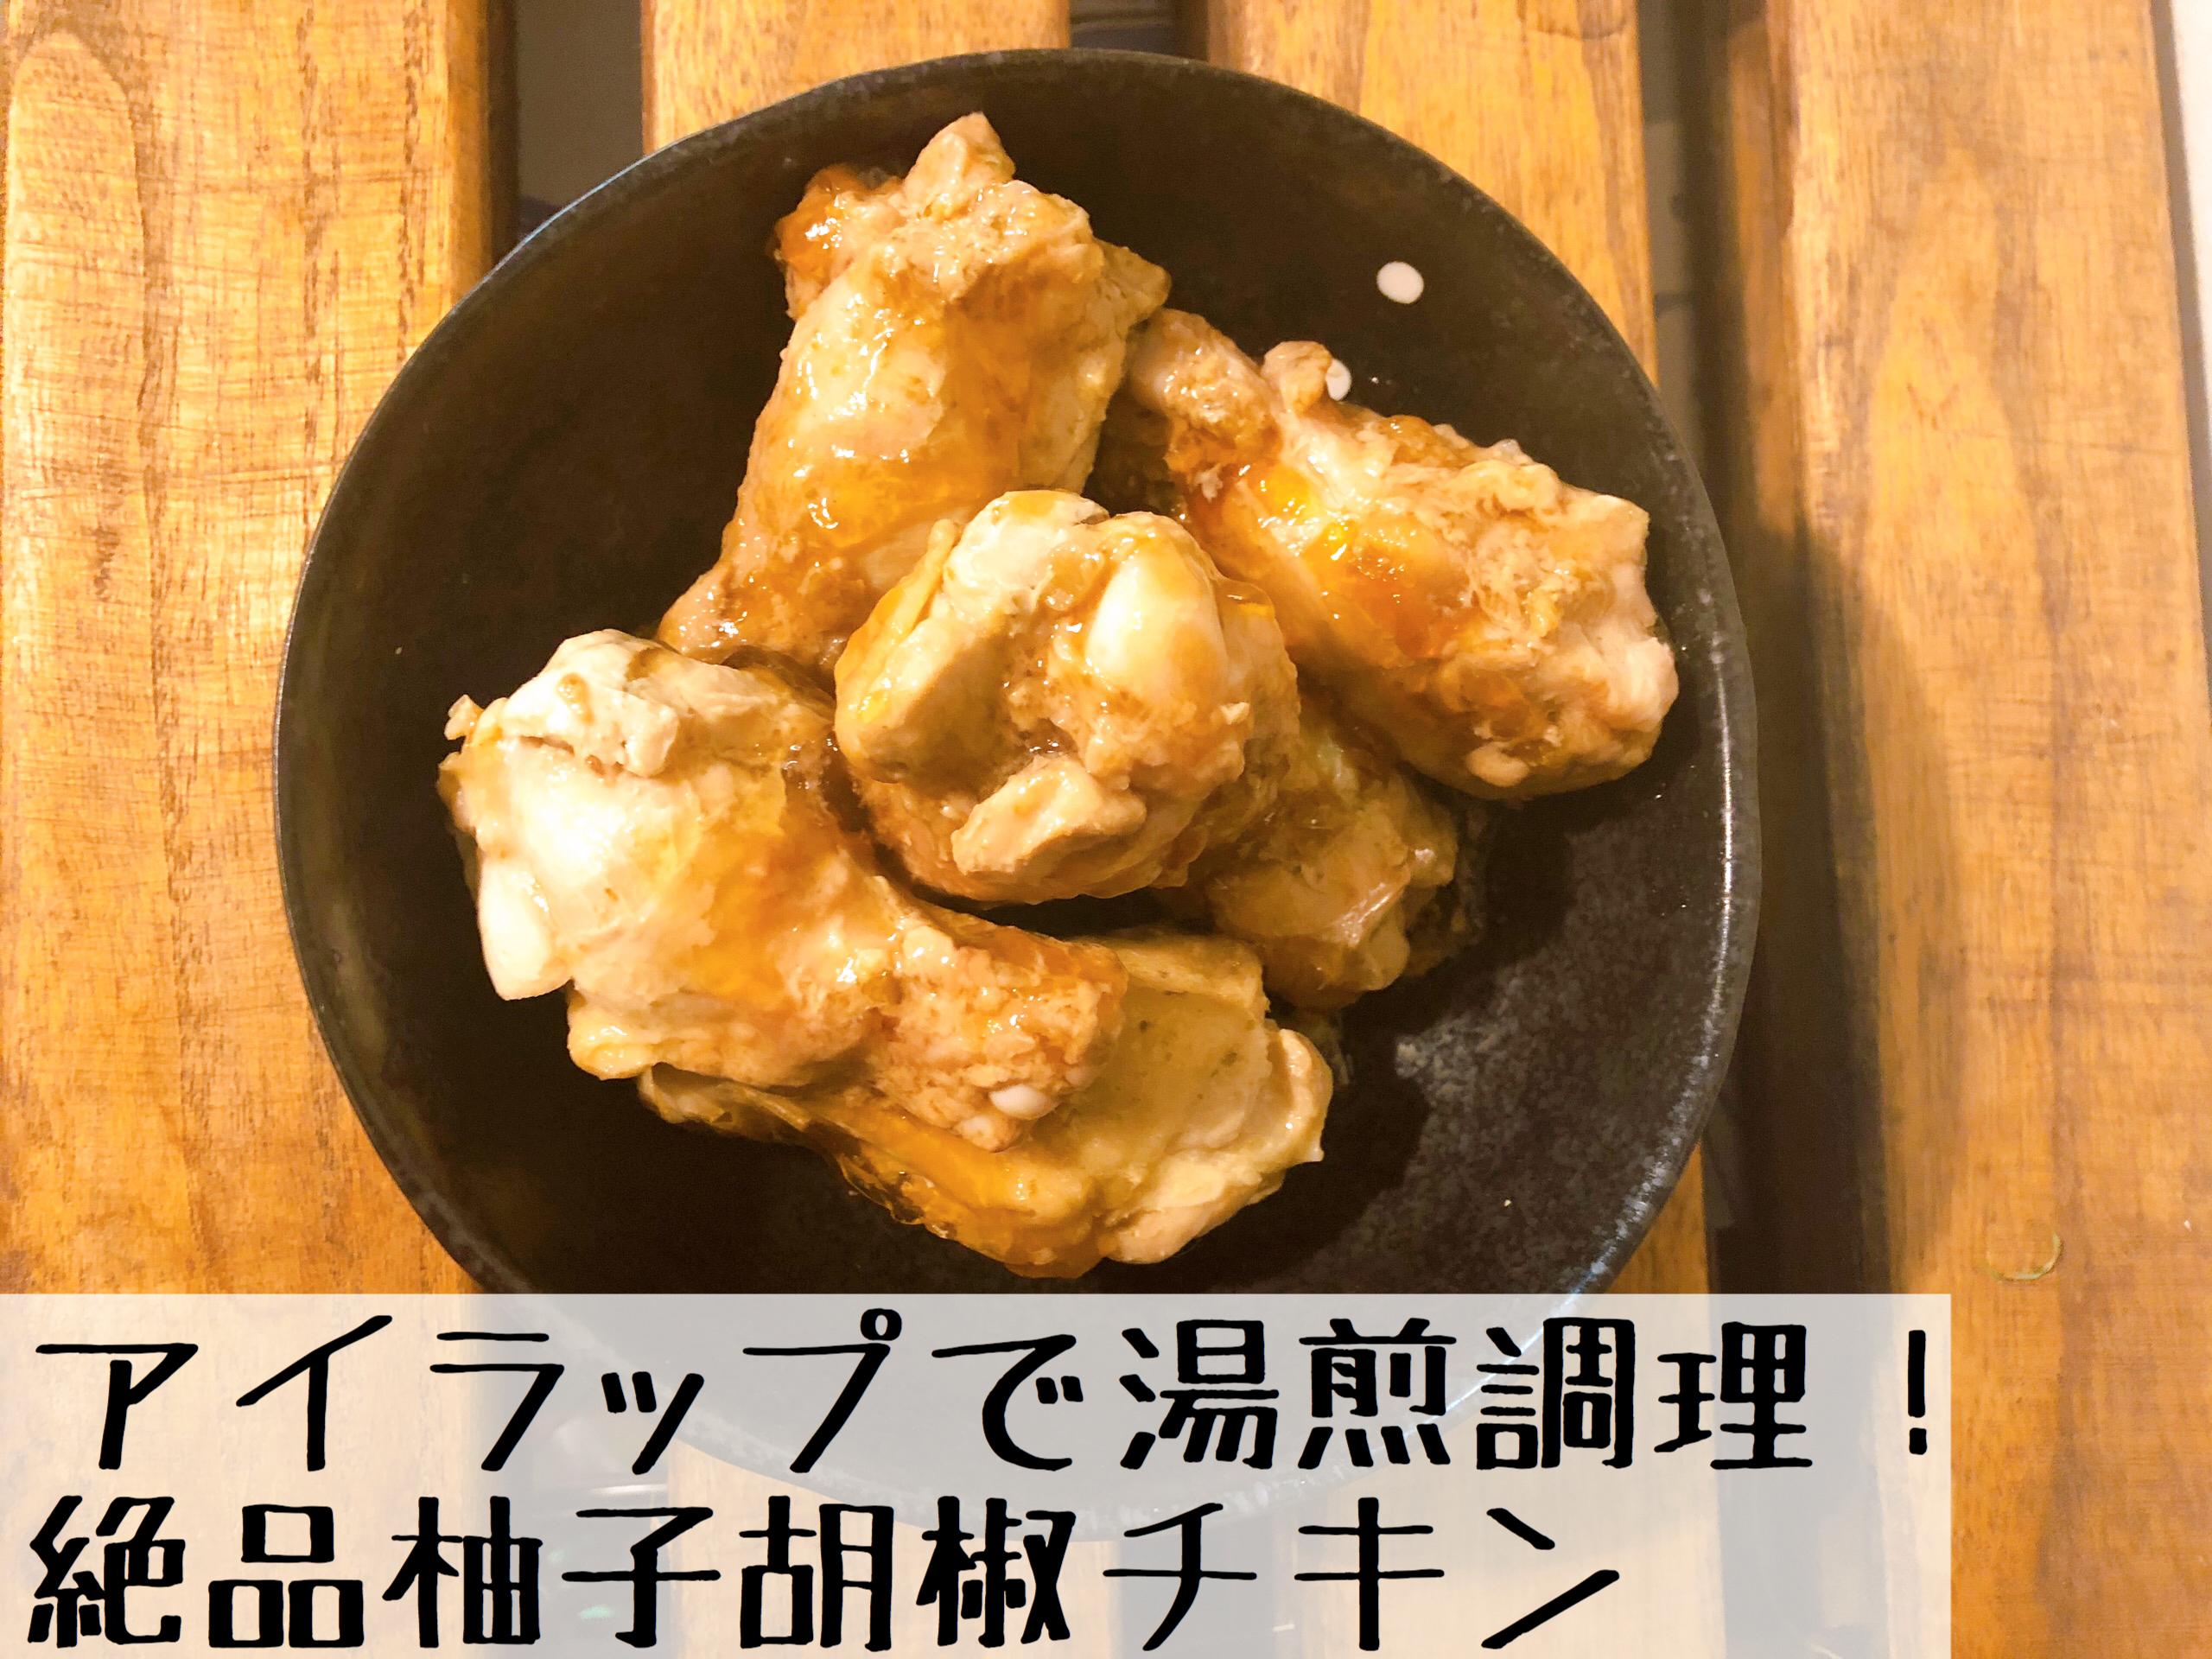 アイラップで湯煎調理!絶品柚子胡椒チキン